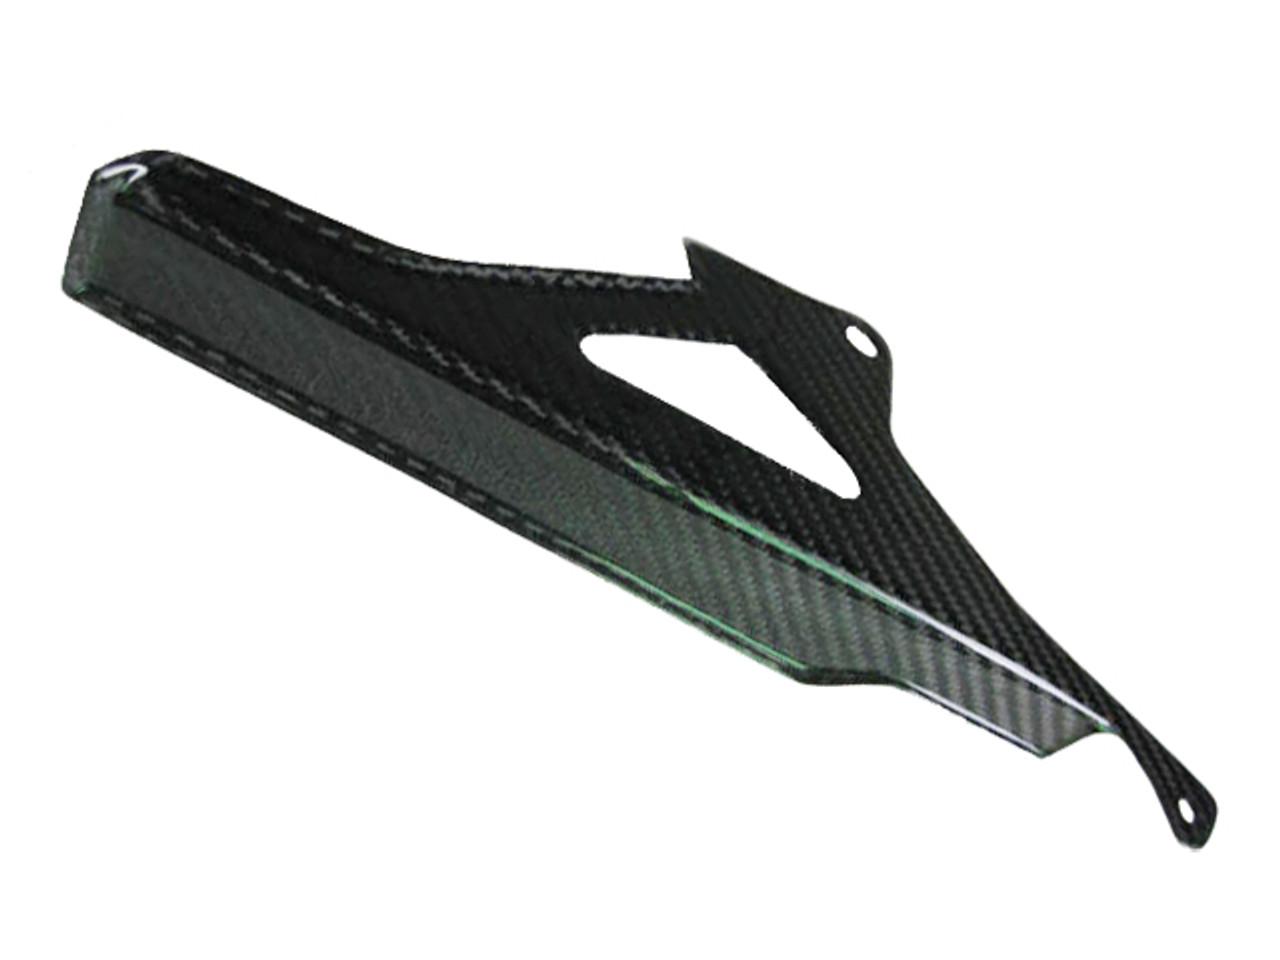 Glossy Twill Weave Upper Chain Guard for Aprilia RSV4 2009+, Tuono 2011+